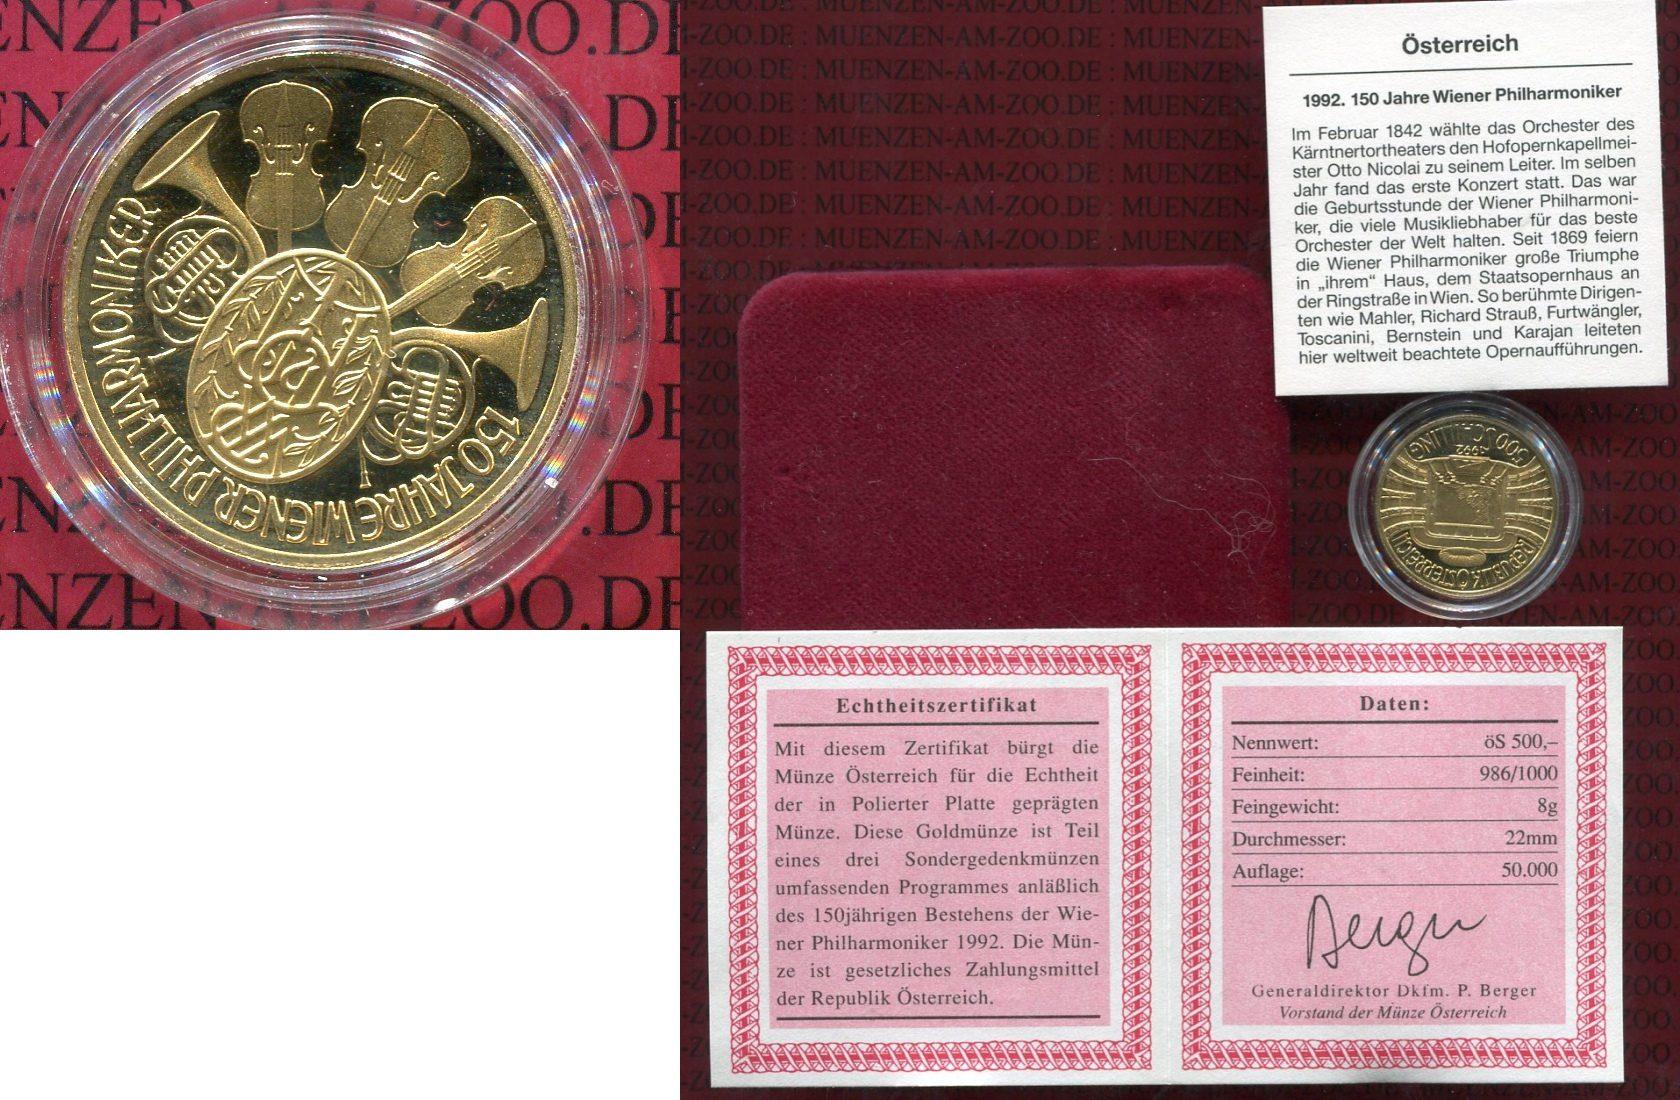 500 Schilling Goldmünze 1992 österreich österreich 500 Schilling